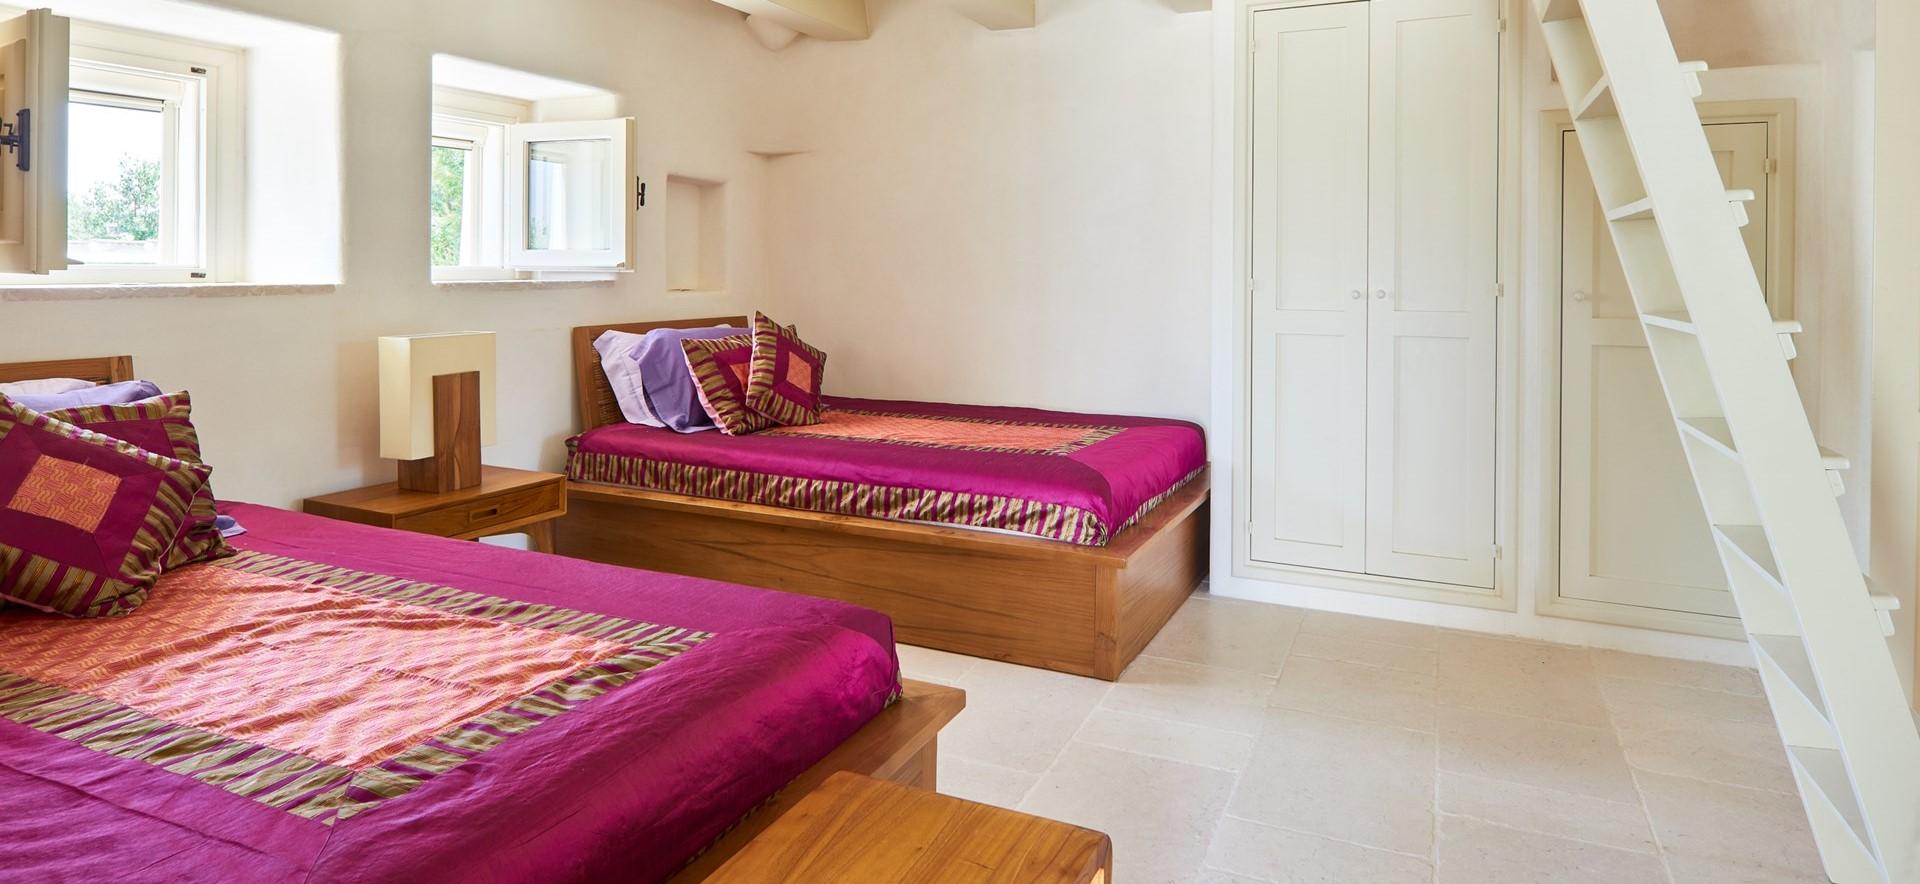 trulli-fiori-puglia-twin-bedroom-2